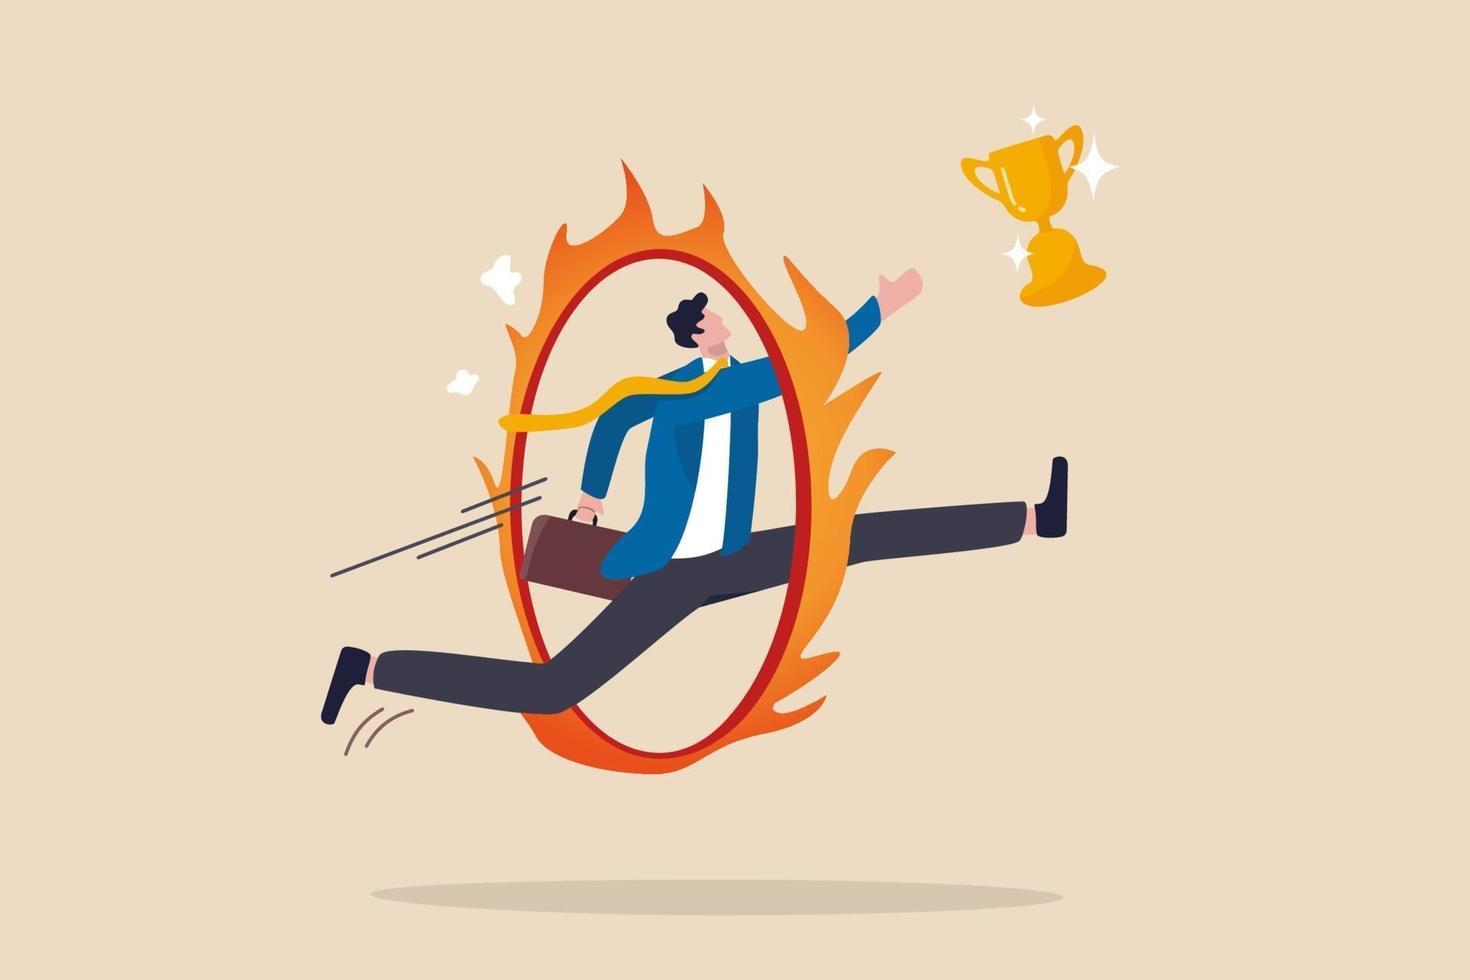 zakelijke uitdaging, obstakel, risico of gevaar dat moet worden overwonnen om een succes, prestatie of beloning voor werkinspanningsconcept te worden vector